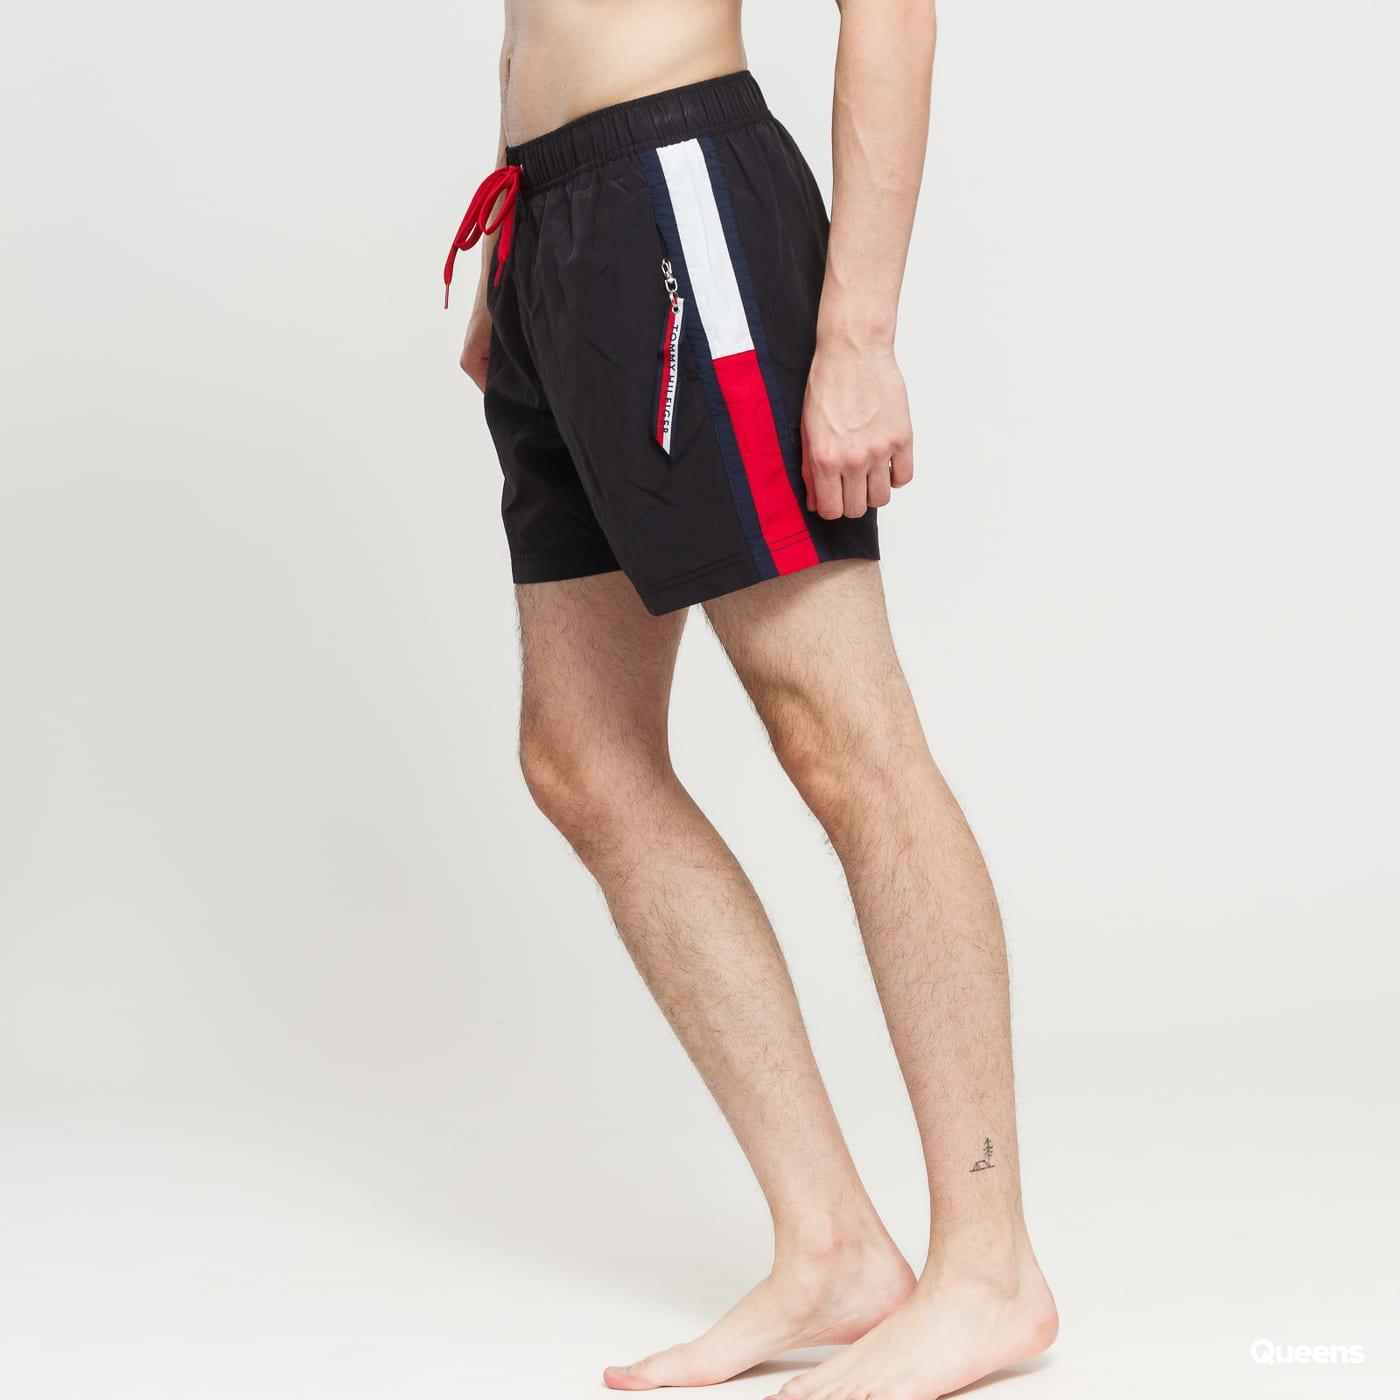 8a2e85109e Men Swim Shorts Tommy Hilfiger Slim Fit Medium Drawstring black   red    white (UM0UM01079 095) – Queens 💚